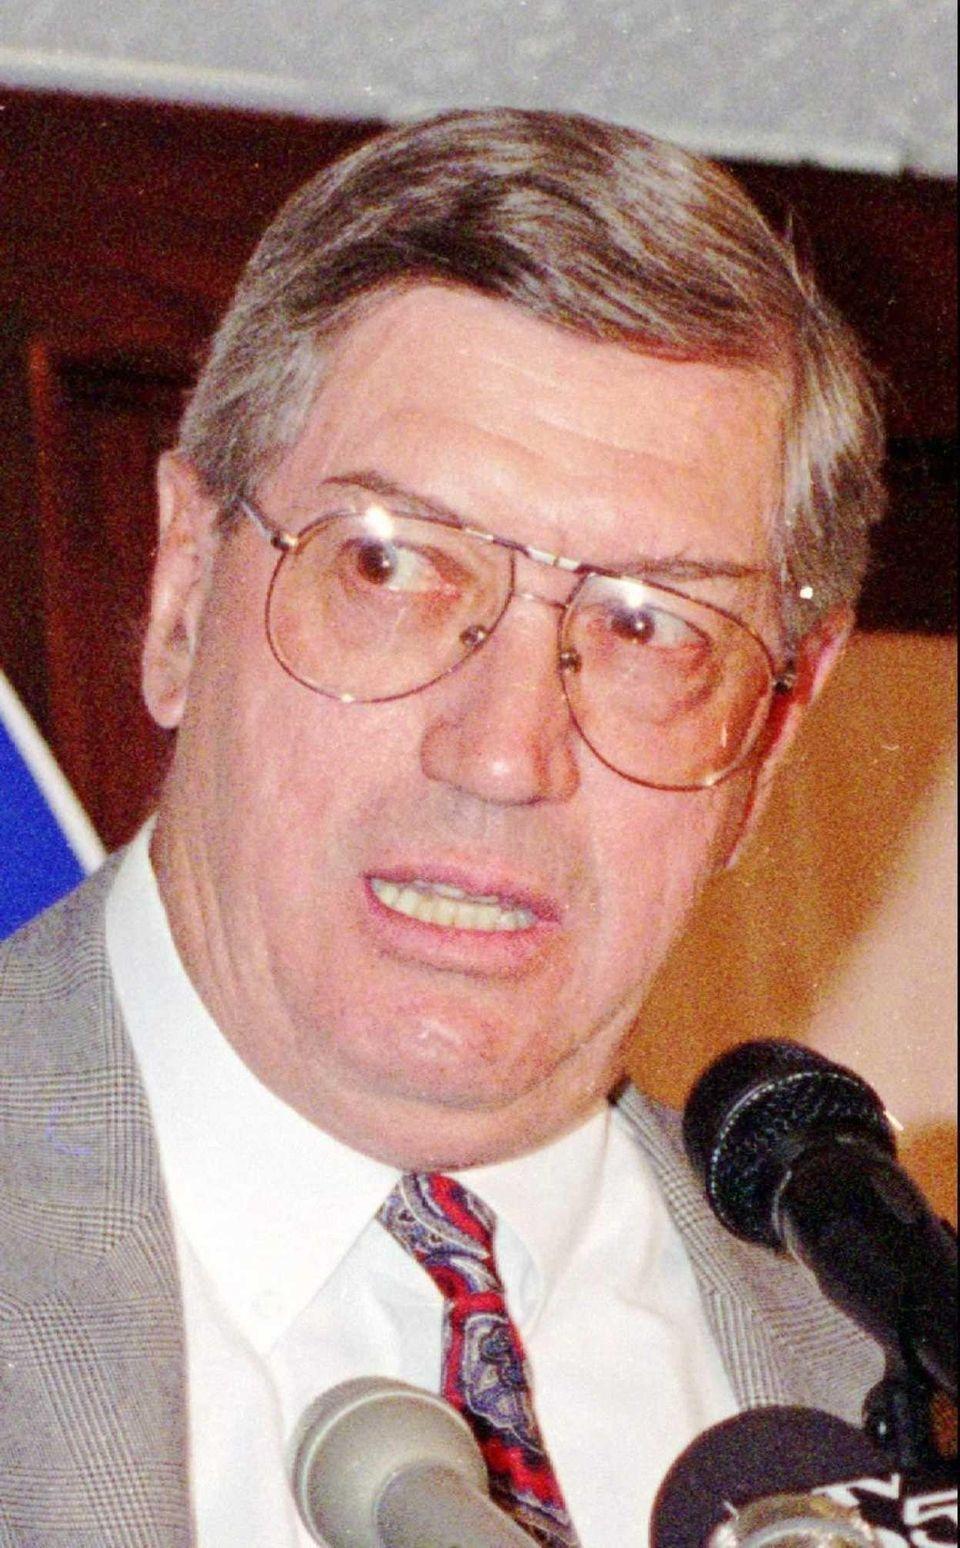 Al Arbour in 1994.